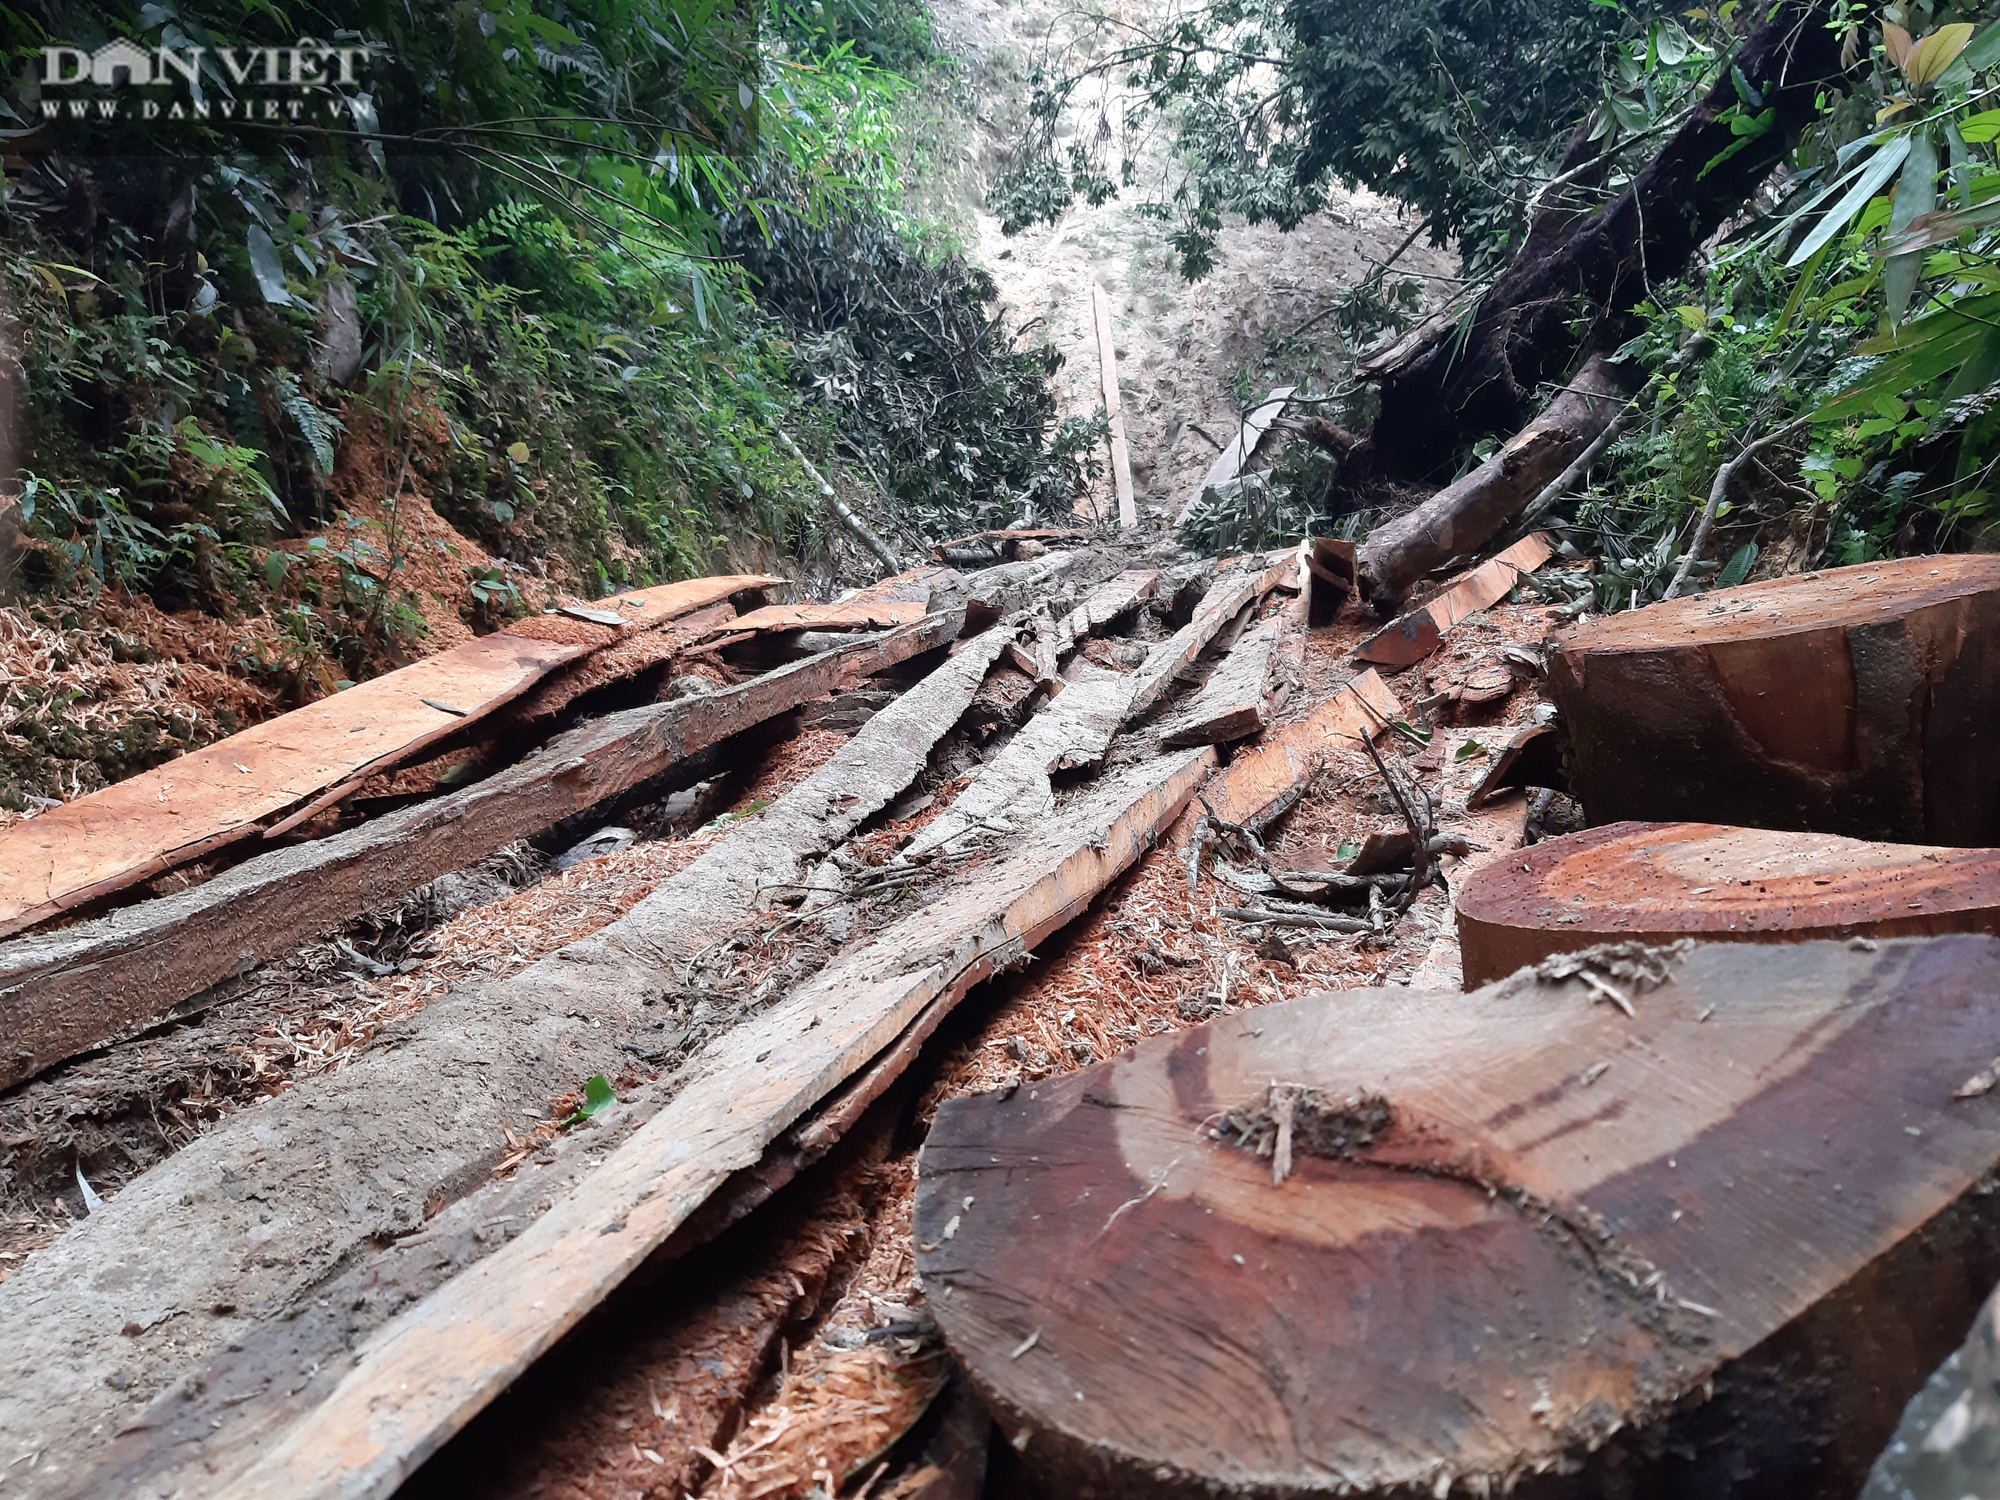 Tỉnh Lào Cai yêu cầu Kiểm điểm, làm rõ trách nhiệm cá nhân có liên quan vụ phá rừng pơ mu VQG Hoàng Liên - Ảnh 1.